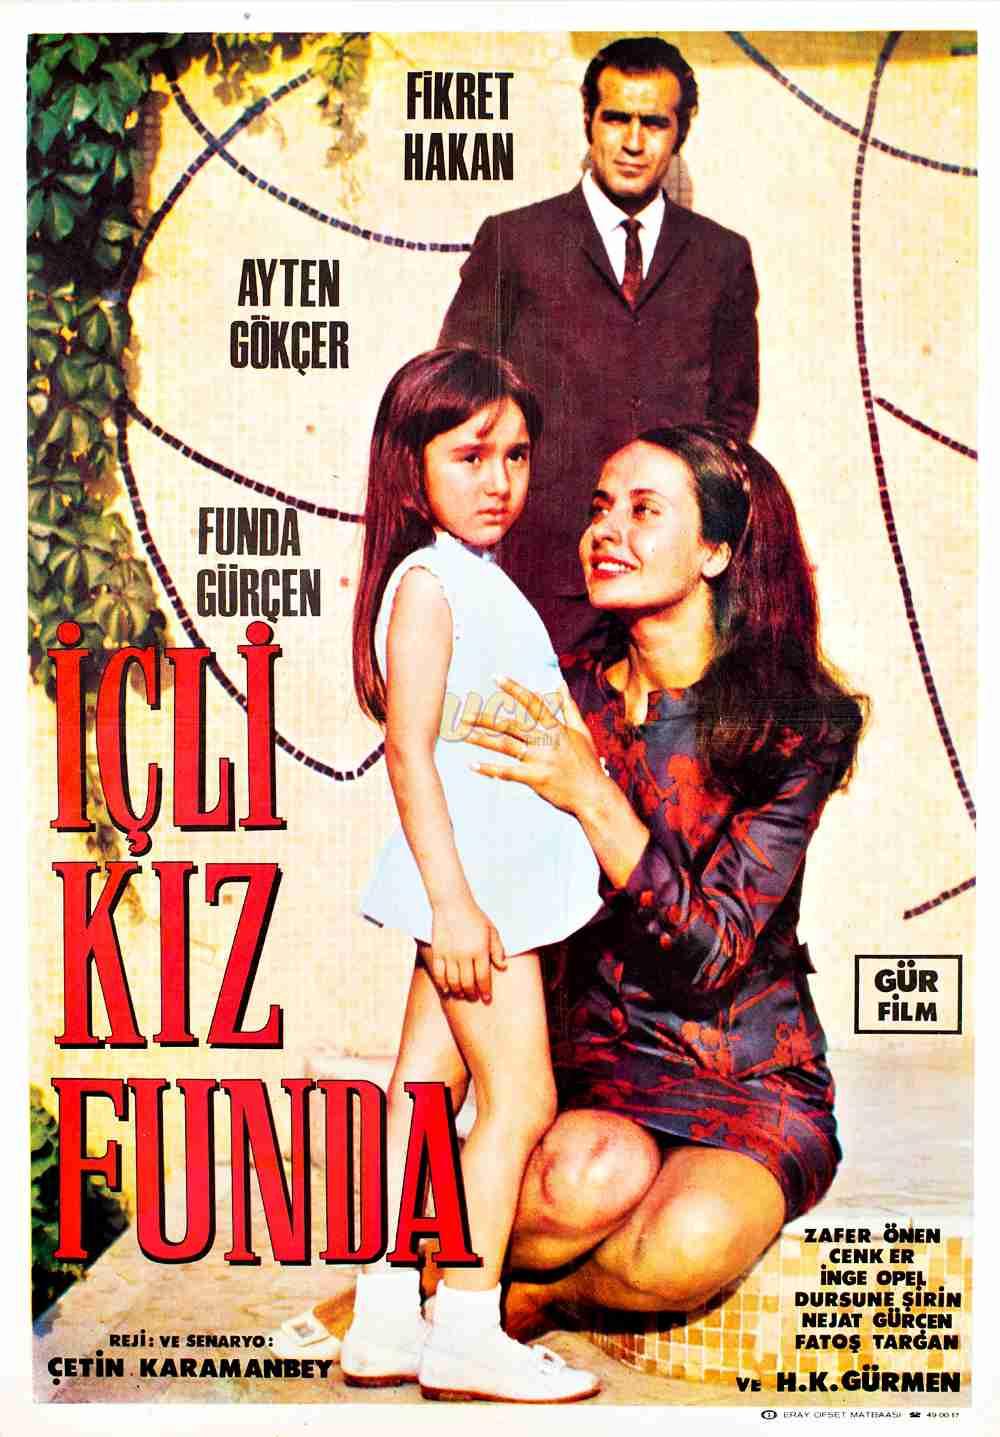 icli_kiz_funda_1967